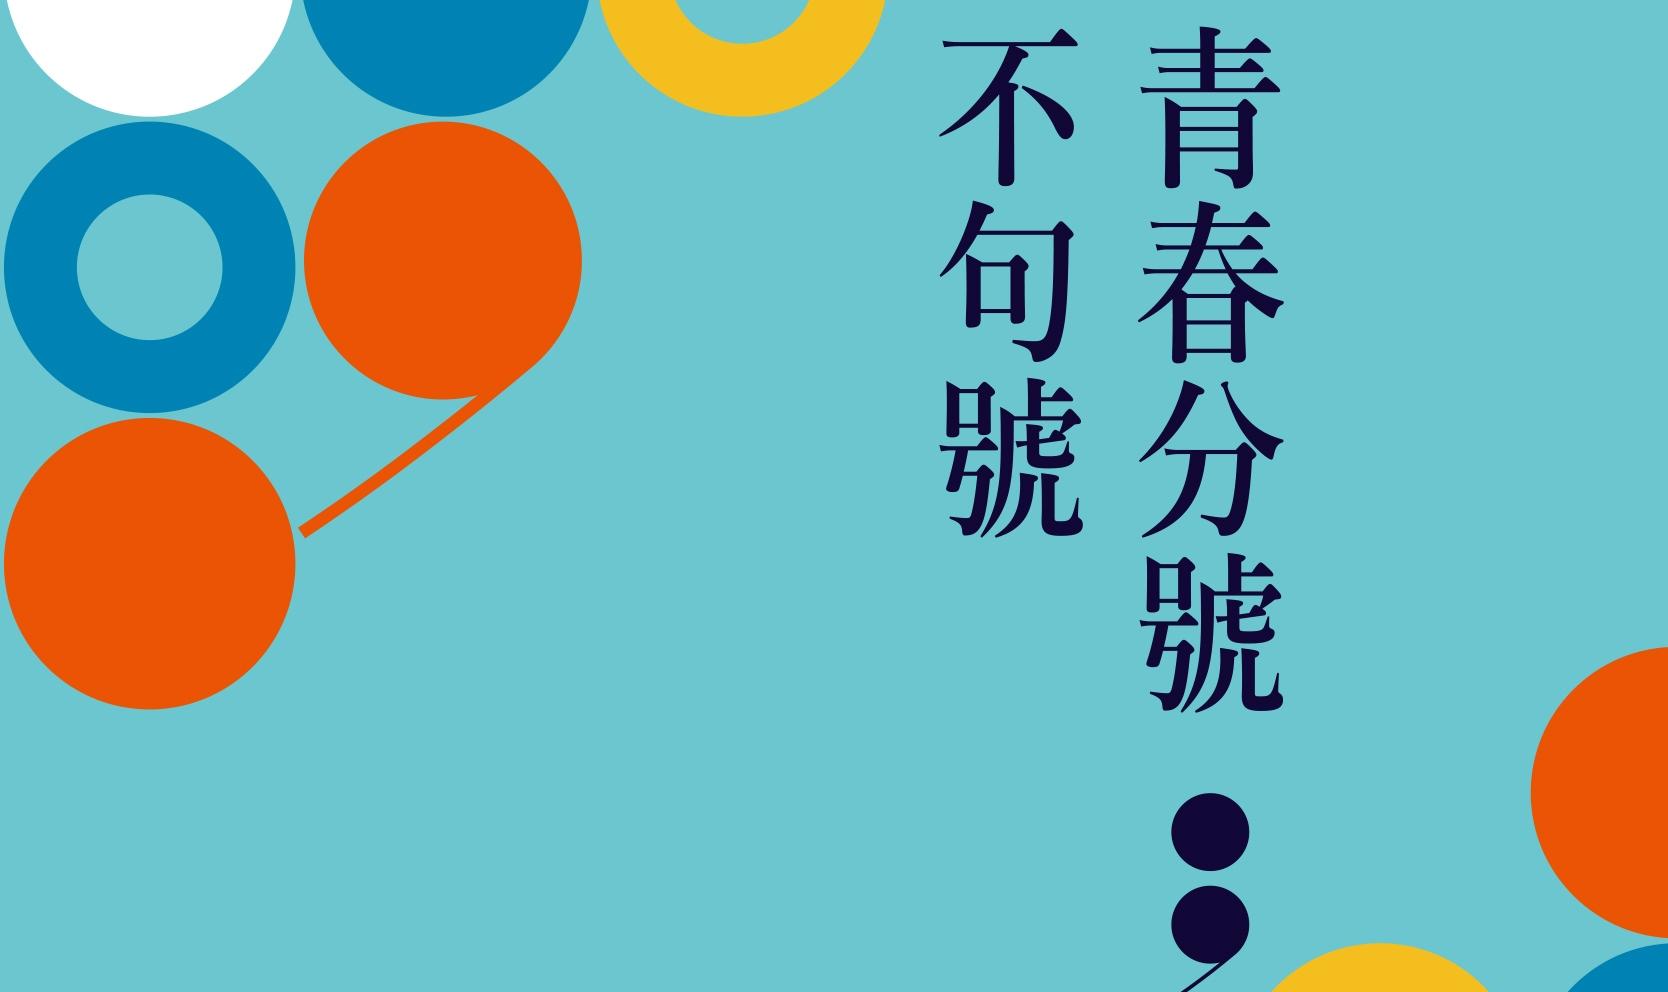 【徵選公告】107年畢業祭《青春分號;不句號》─錄取名單